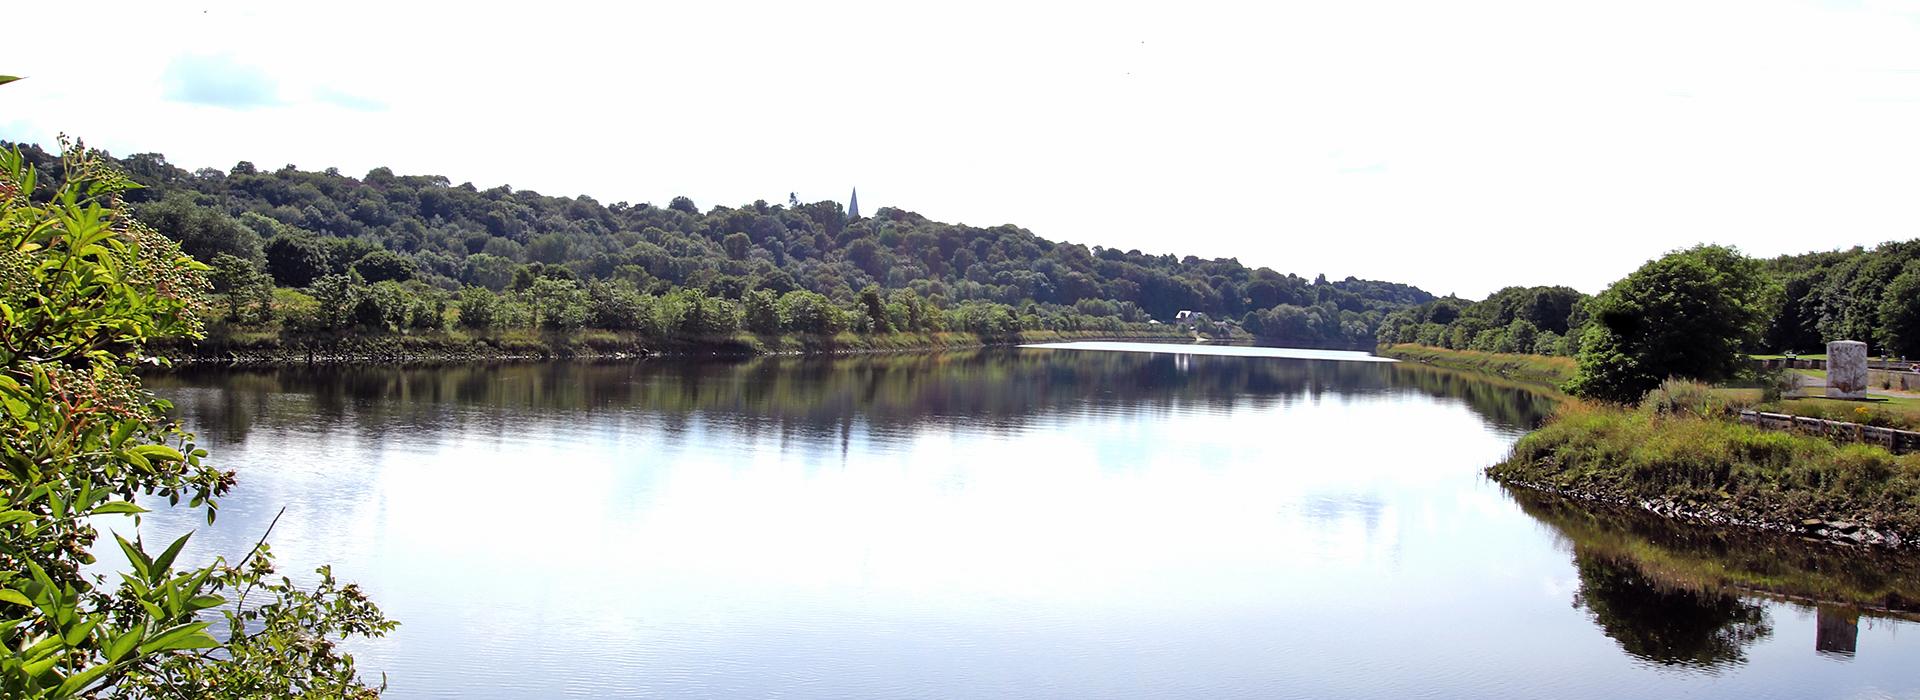 Newburn Riverside CP - looking east